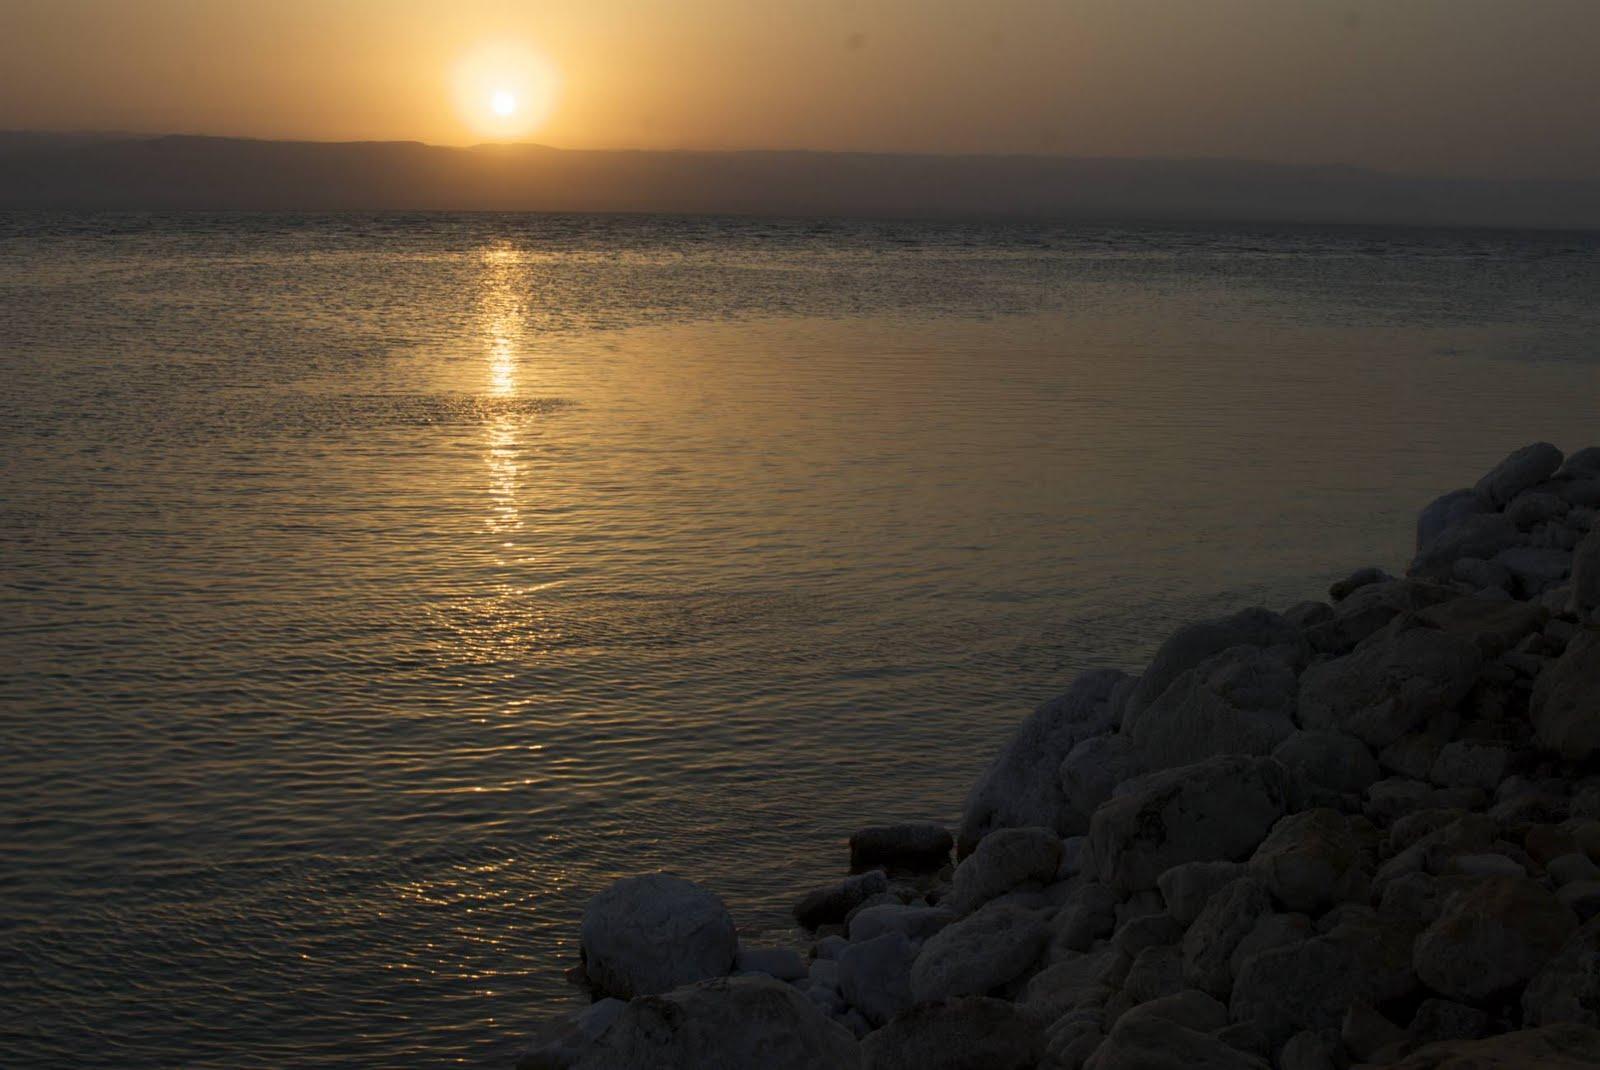 http://2.bp.blogspot.com/-G0b-2oW8UeI/TlqMyc6XDzI/AAAAAAAAEeU/n4LdA5PgvUM/s1600/dead-sea-sunset.jpg